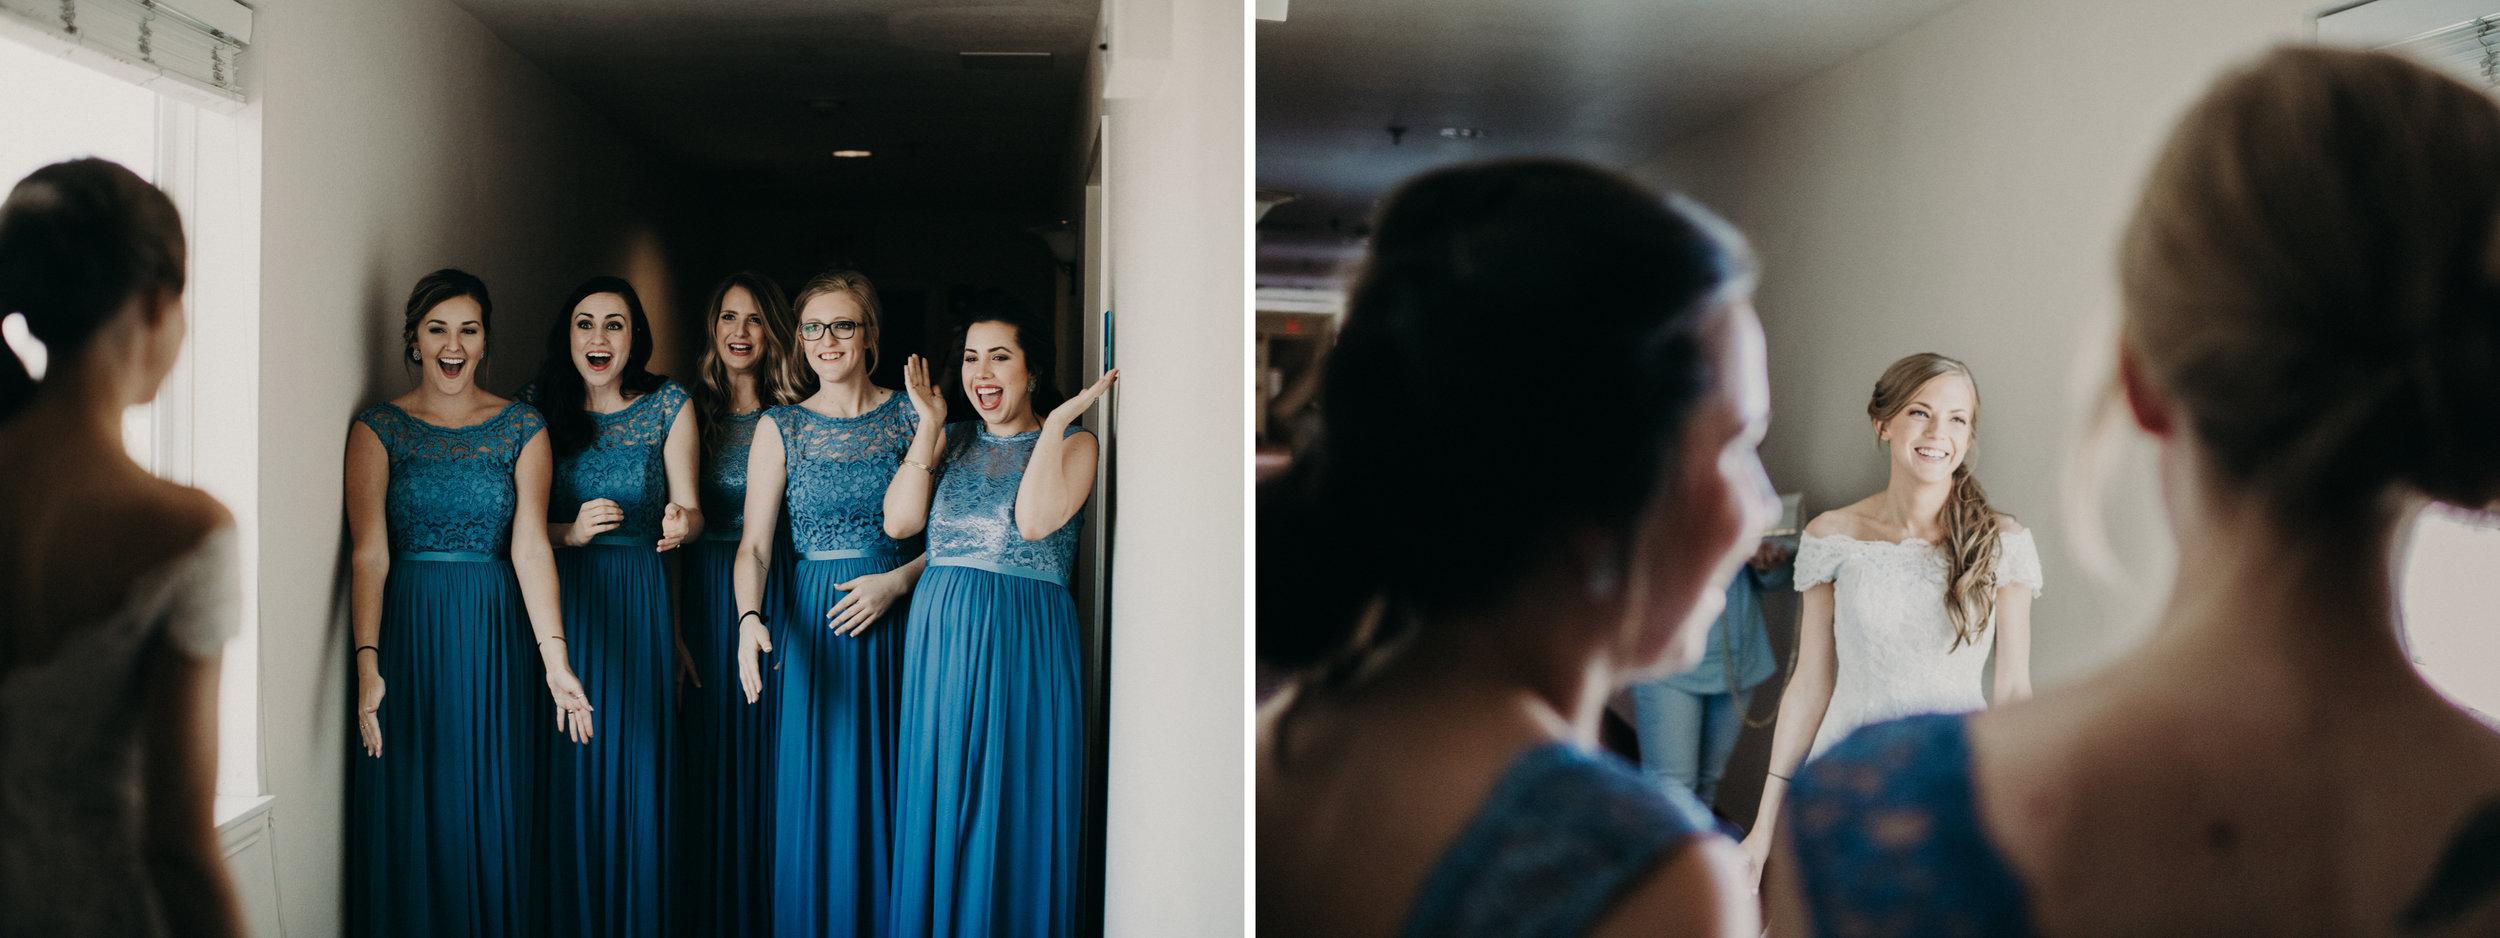 clanton bridesmaid reveal.jpg